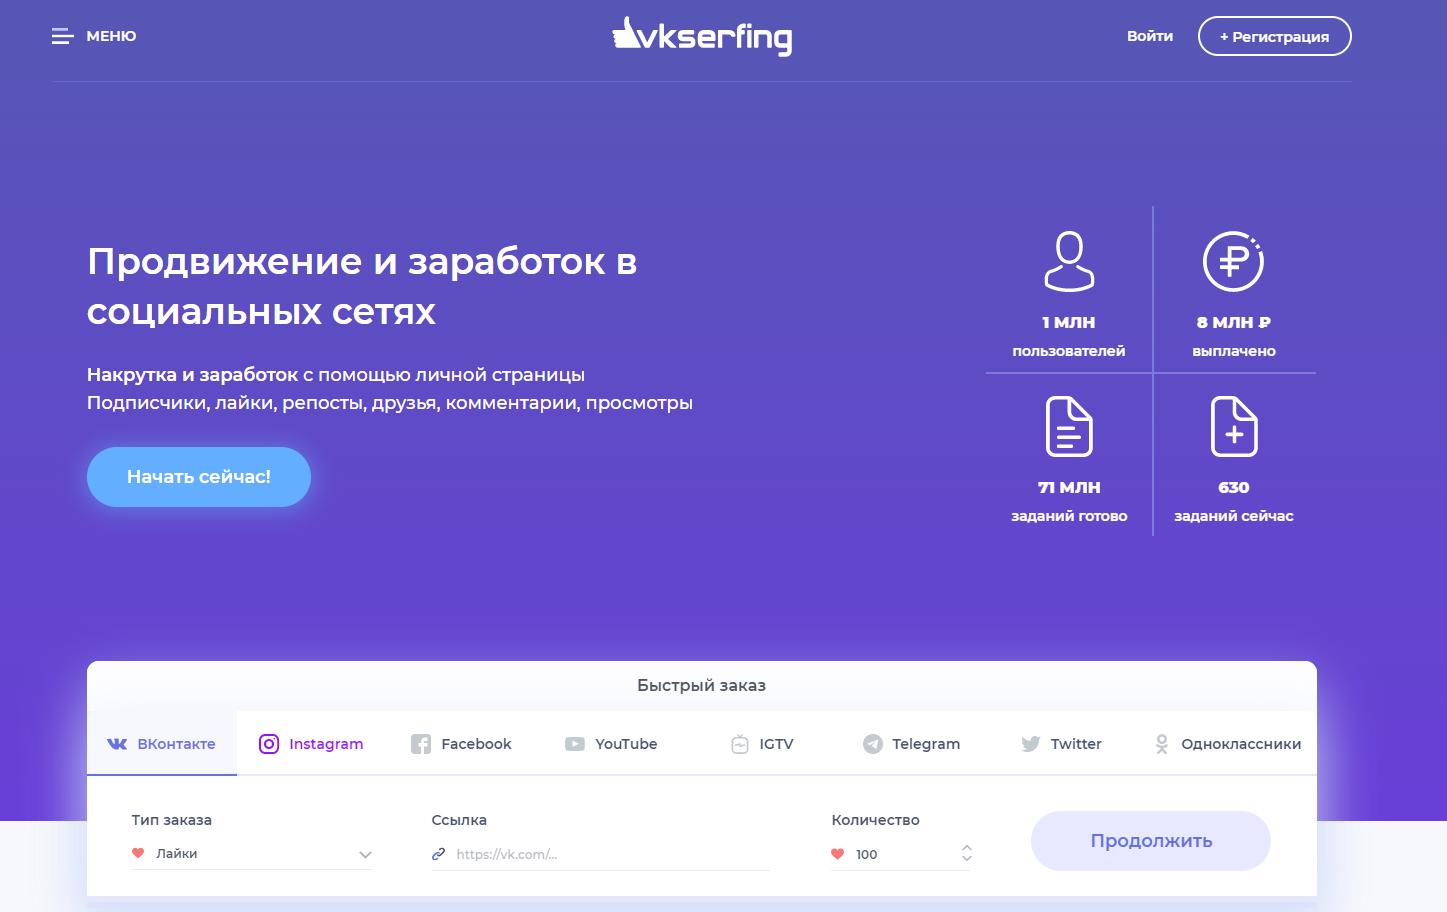 Сайт для заработка VKserfing